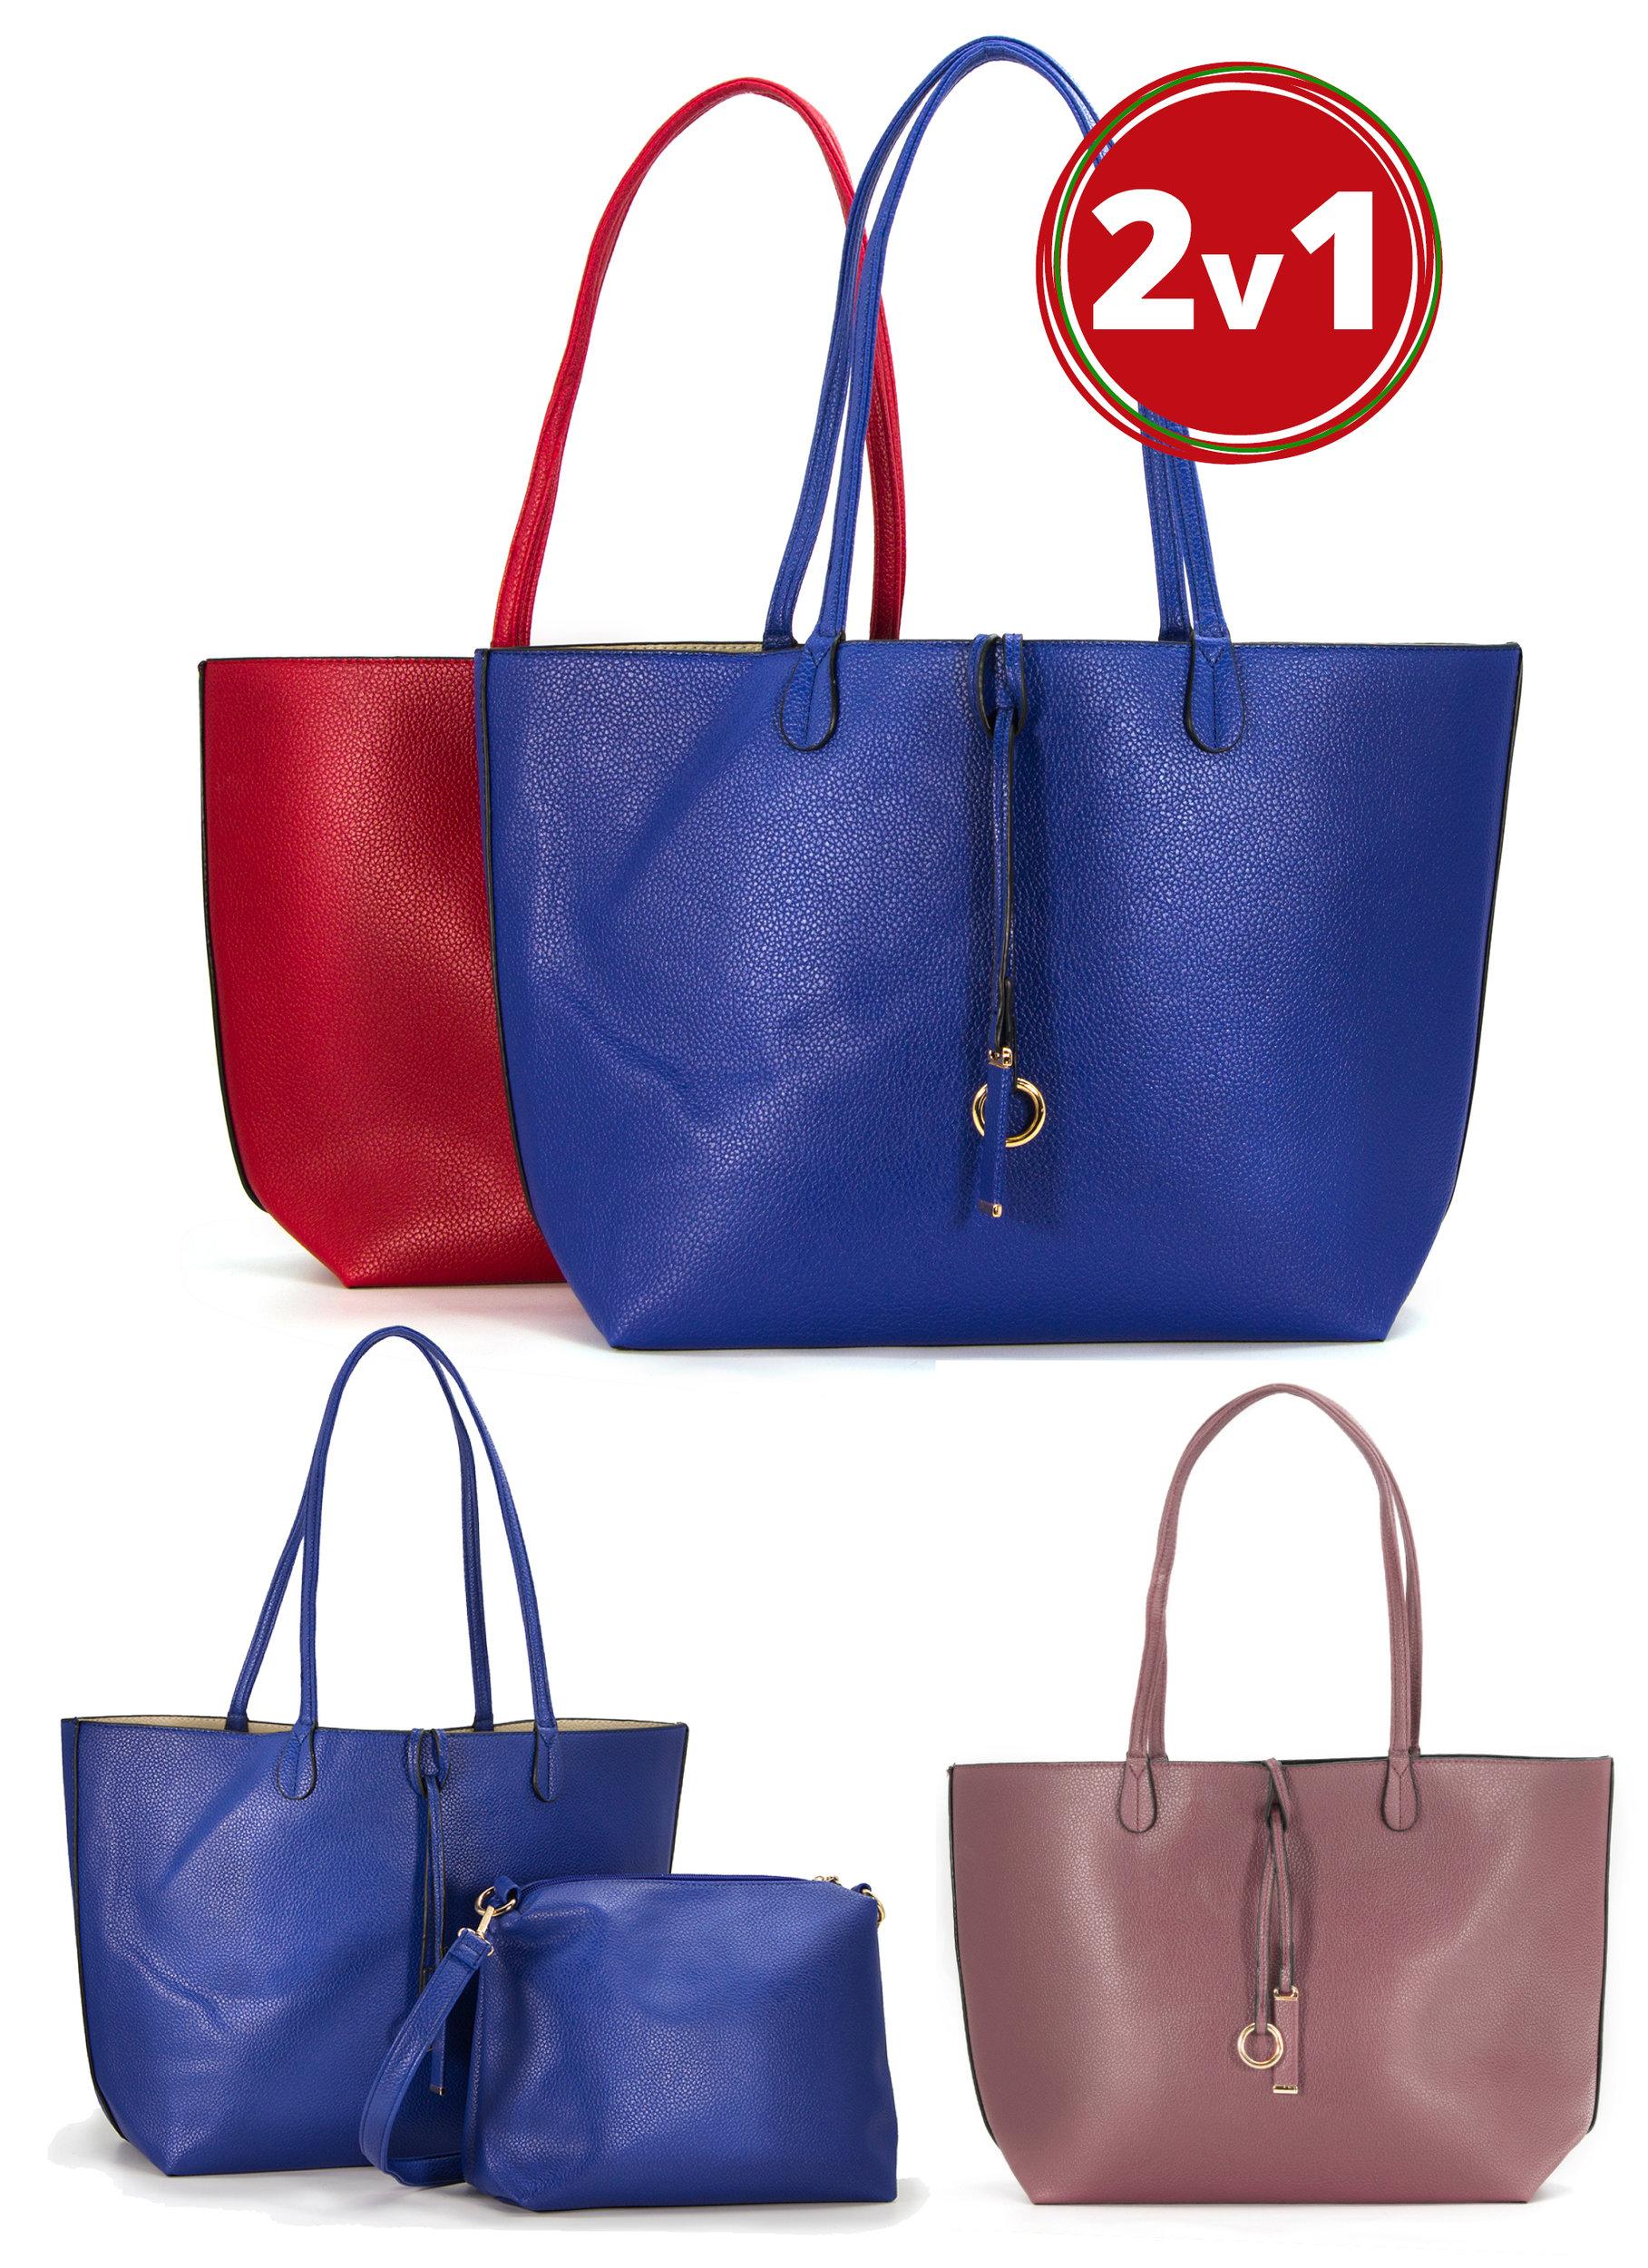 Fashion Icon Dámská kabelka Simple Style 2v1 přes rameno i crossbody ... 2c0d8ebed01